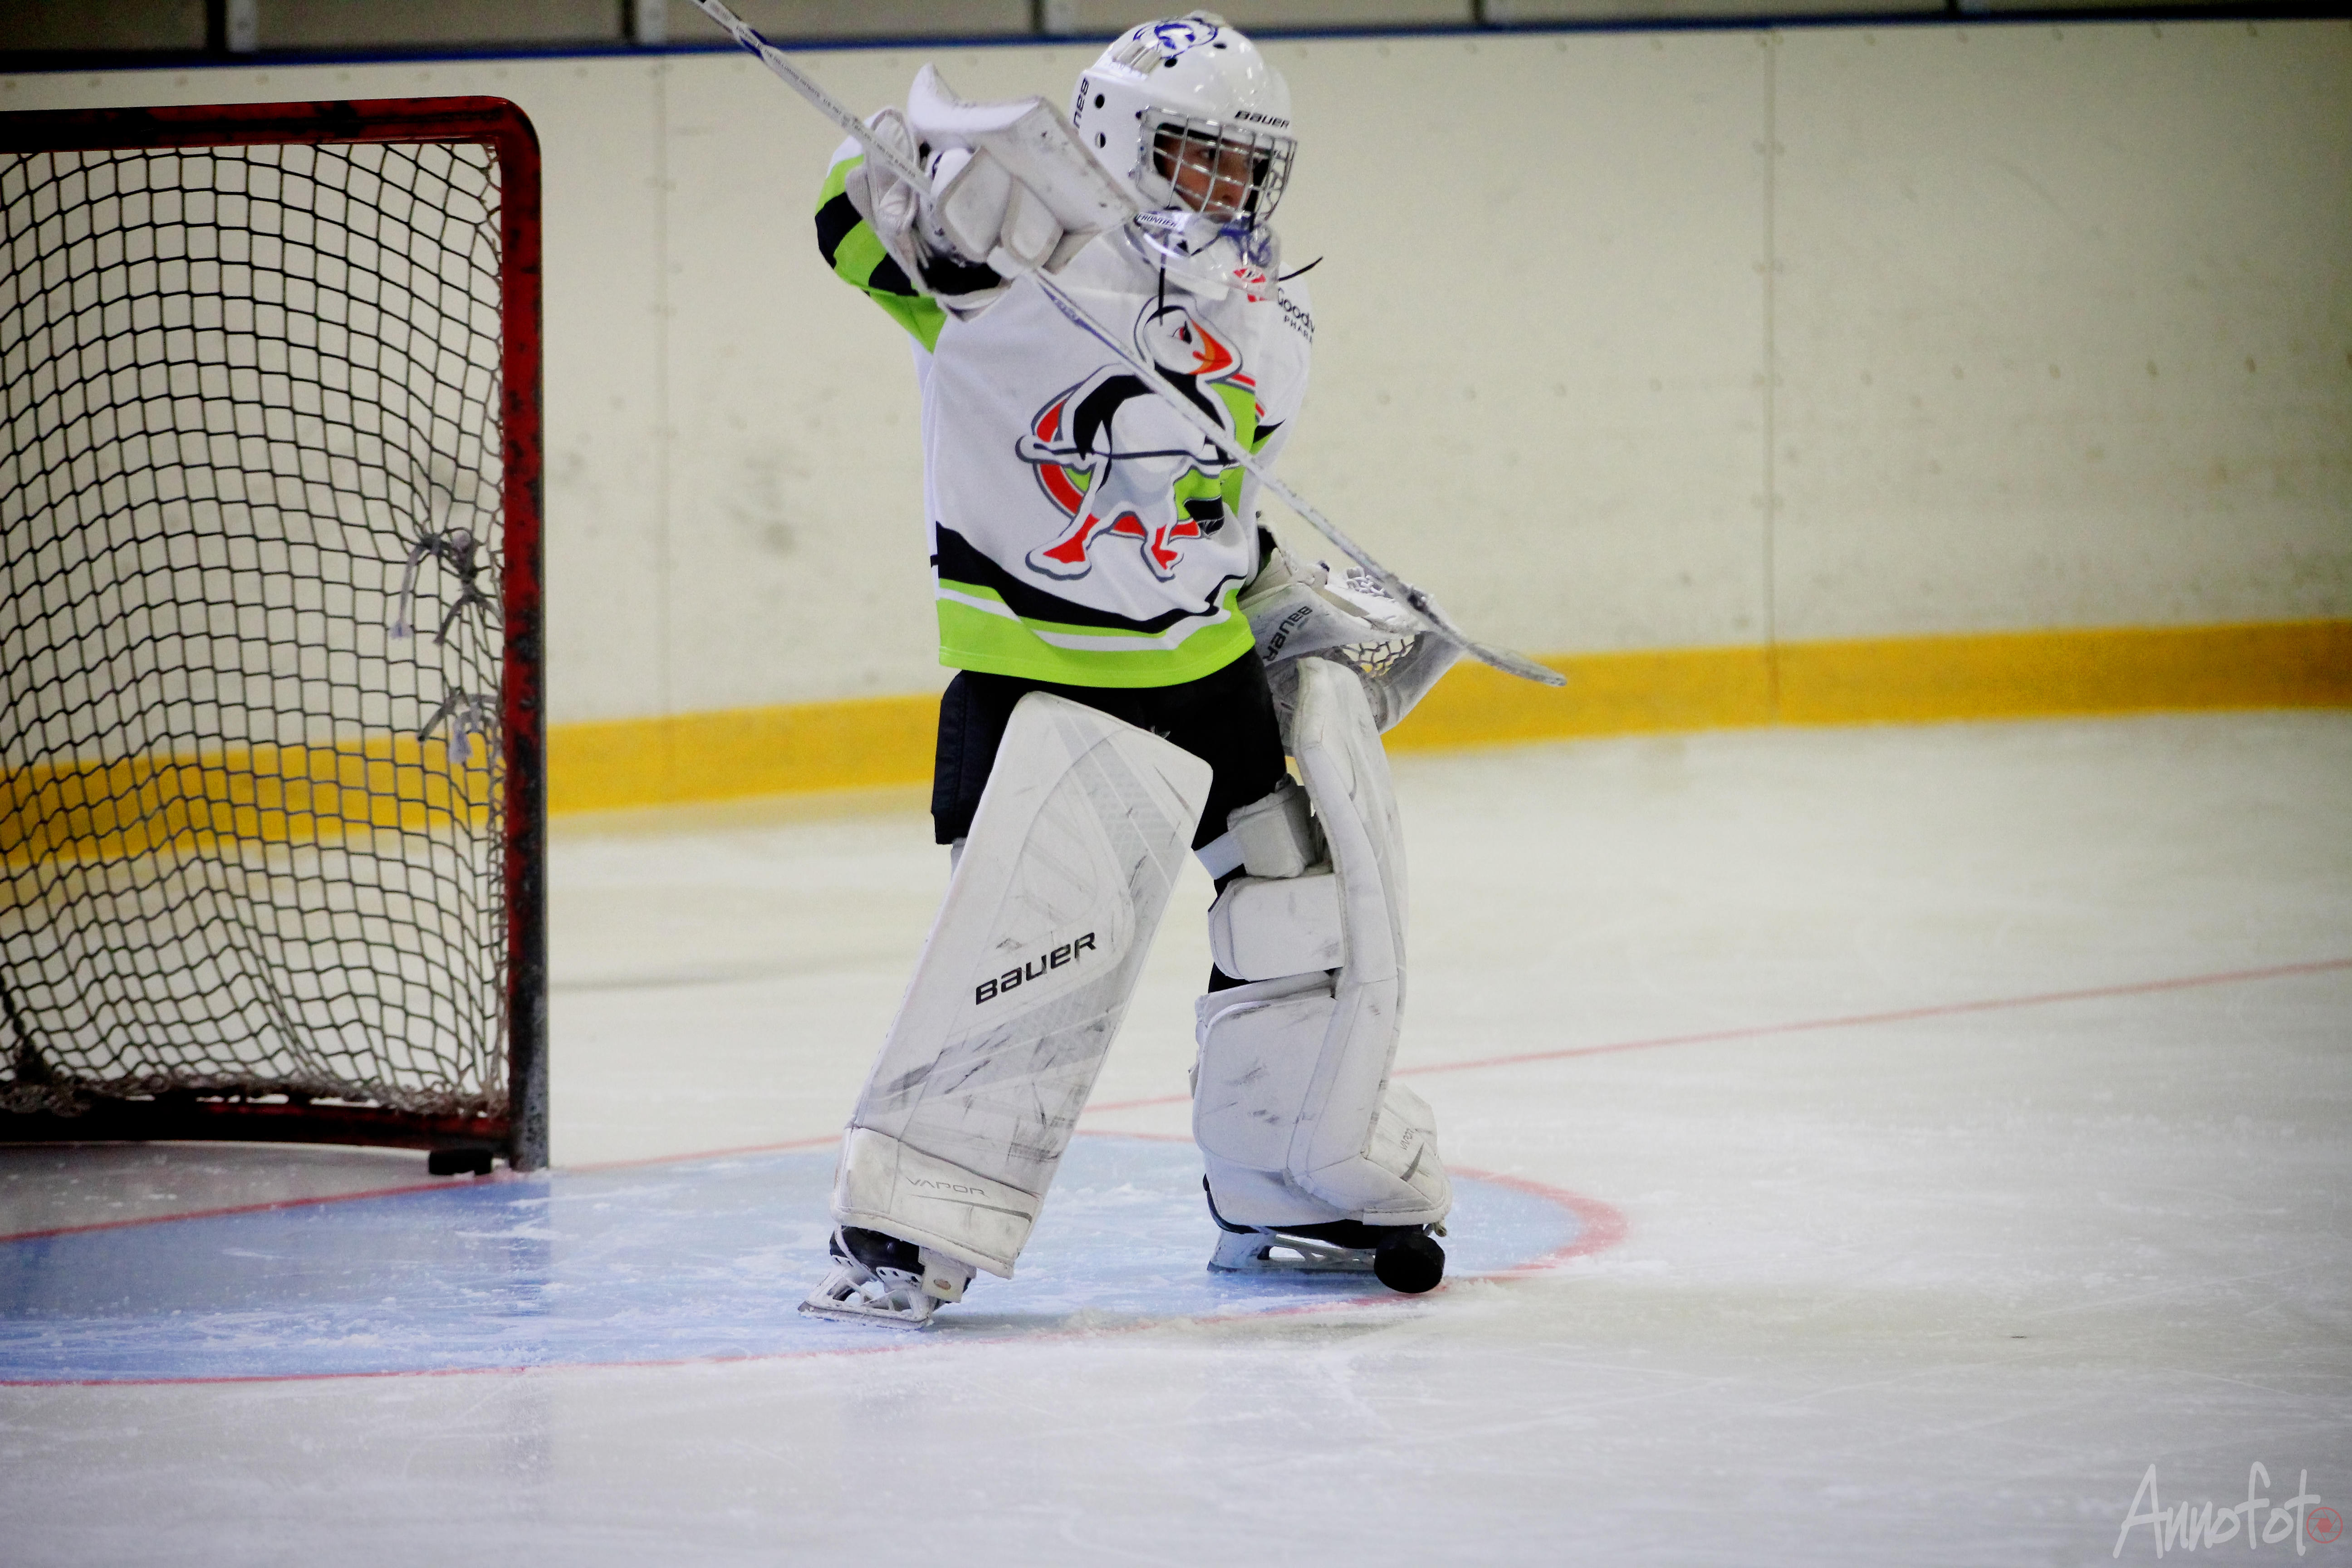 U12 Jászberényben - A jövő felnőtt csapata készül!